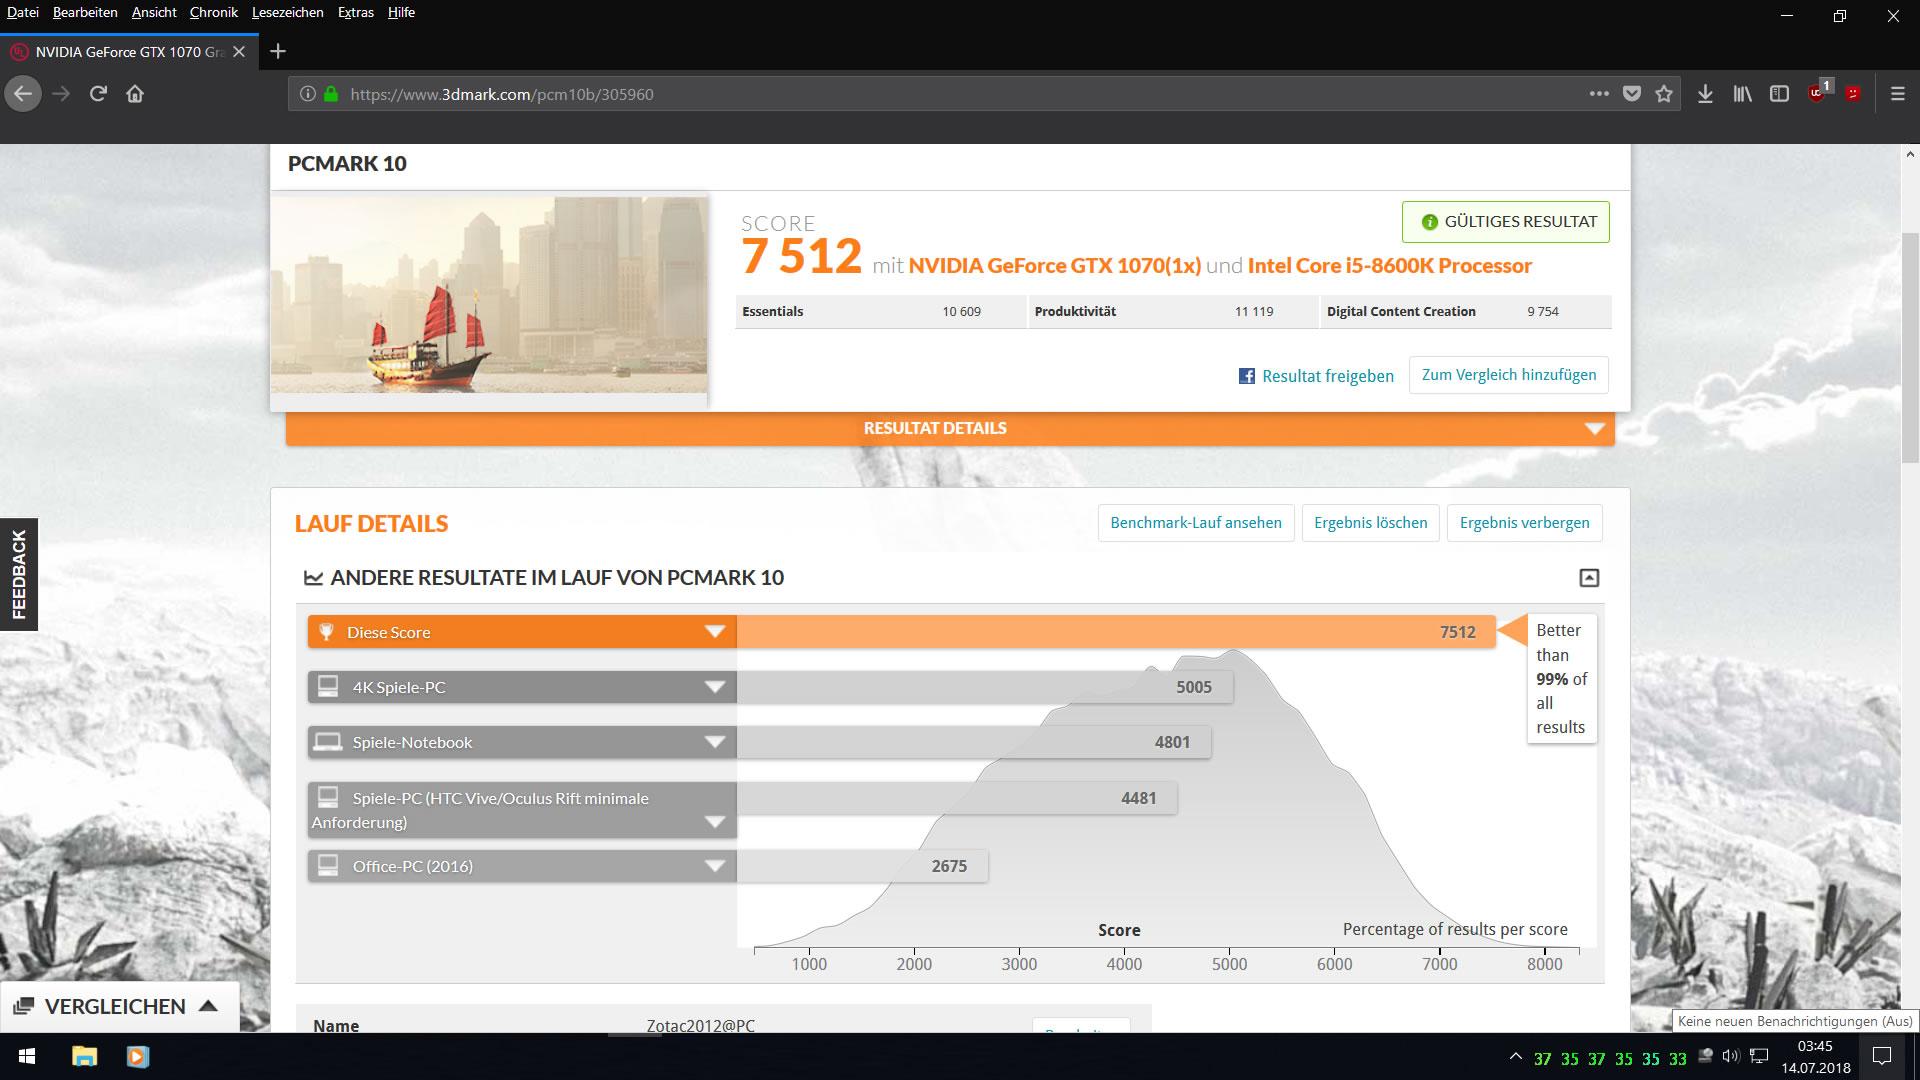 Klicken Sie auf die Grafik für eine größere Ansicht  Name:PCMark 10 mit i5 8600K u. GTX 1070 by Zotac2012.jpg Hits:30 Größe:239,5 KB ID:1002800